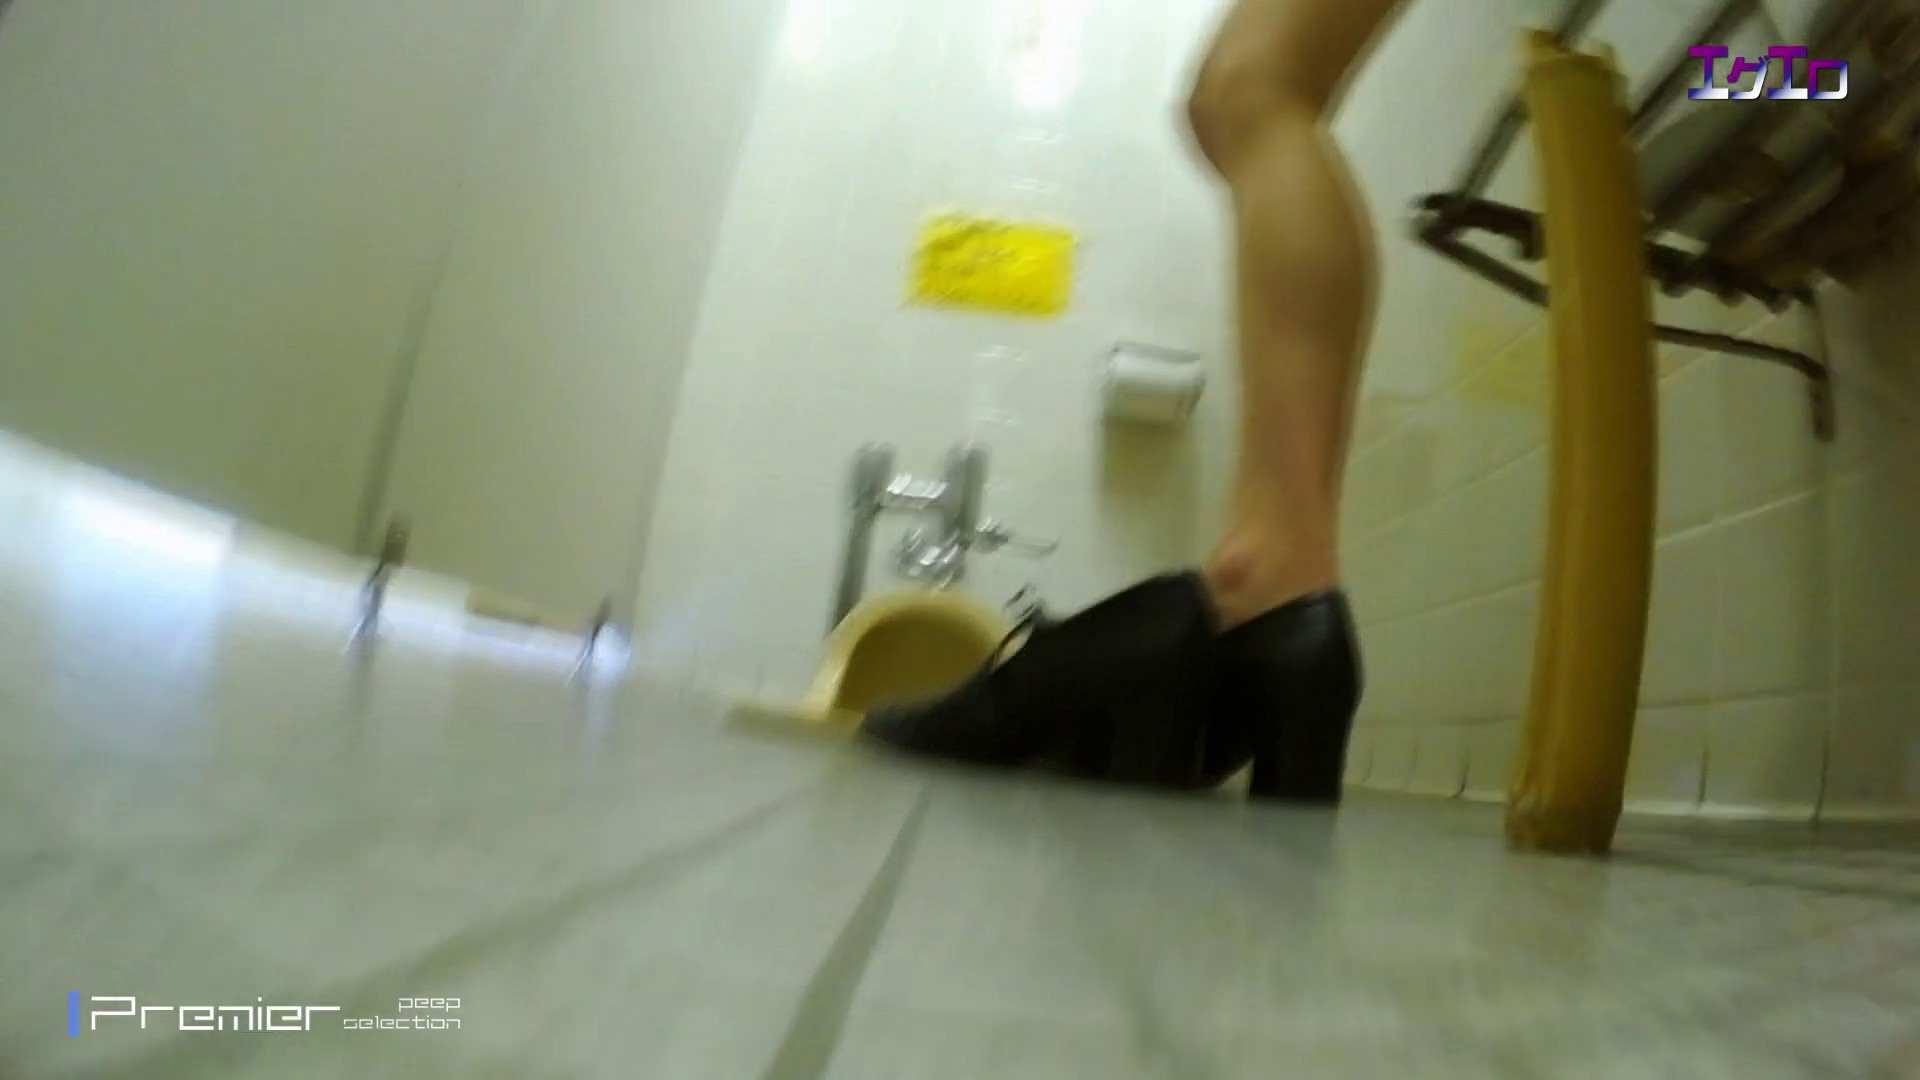 執念の撮影&追撮!!某女子校の通学路にあるトイレ 至近距離洗面所 Vol.16 OLのボディ  66PIX 54